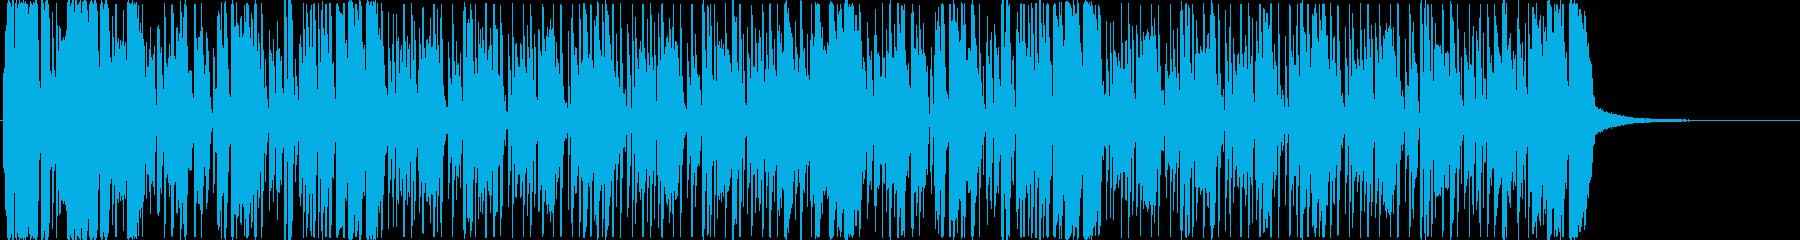 リズミカルなファンク おしゃれ ブラス の再生済みの波形